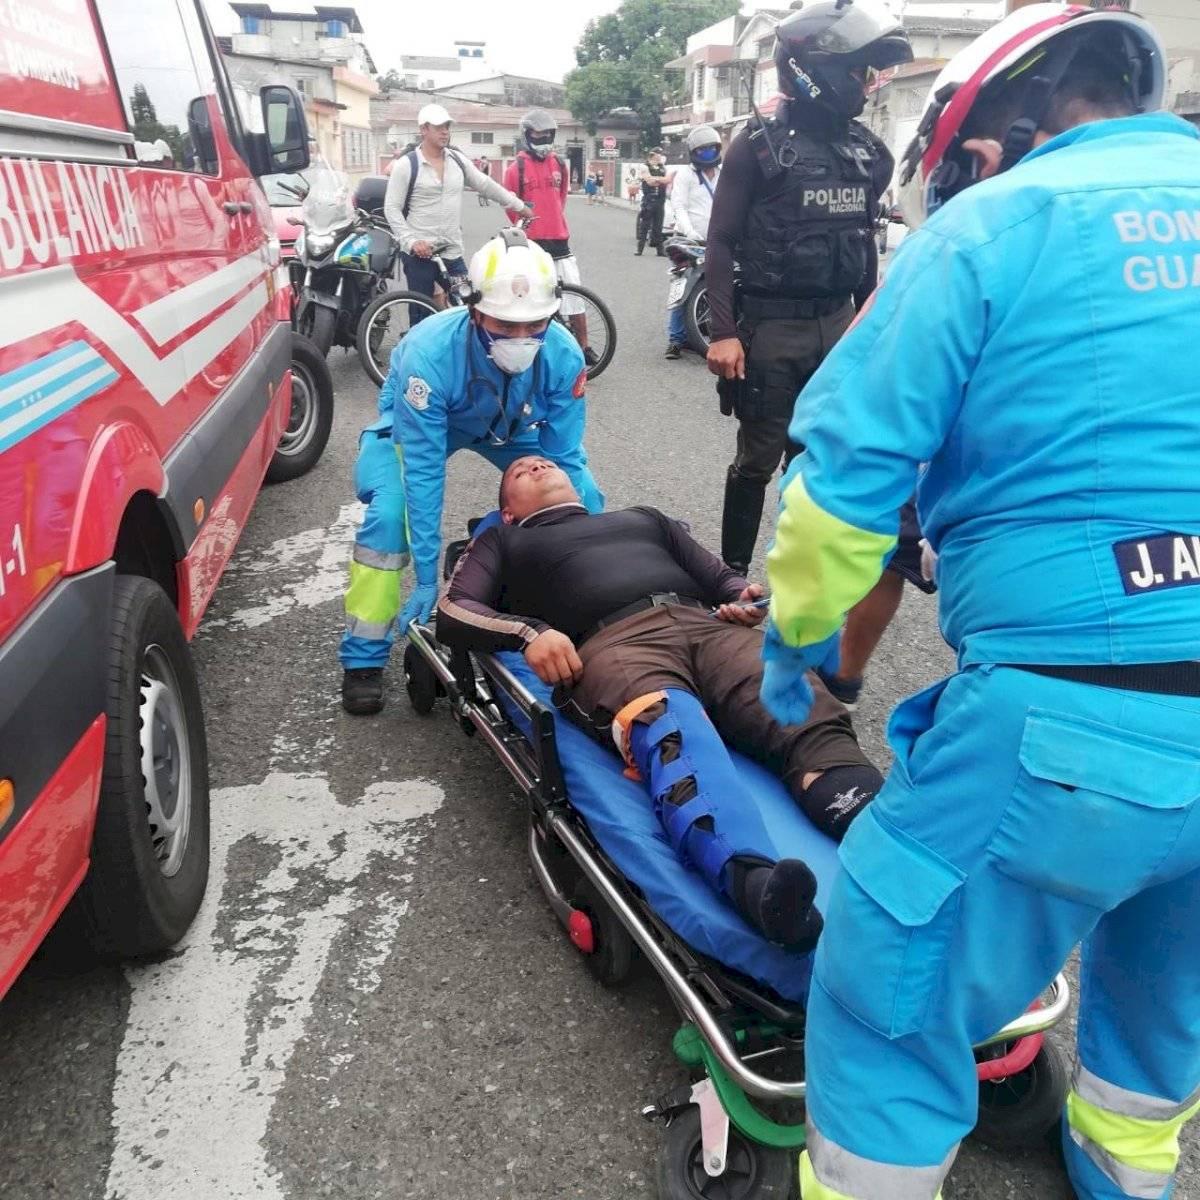 Policía herido tras ser atropellado